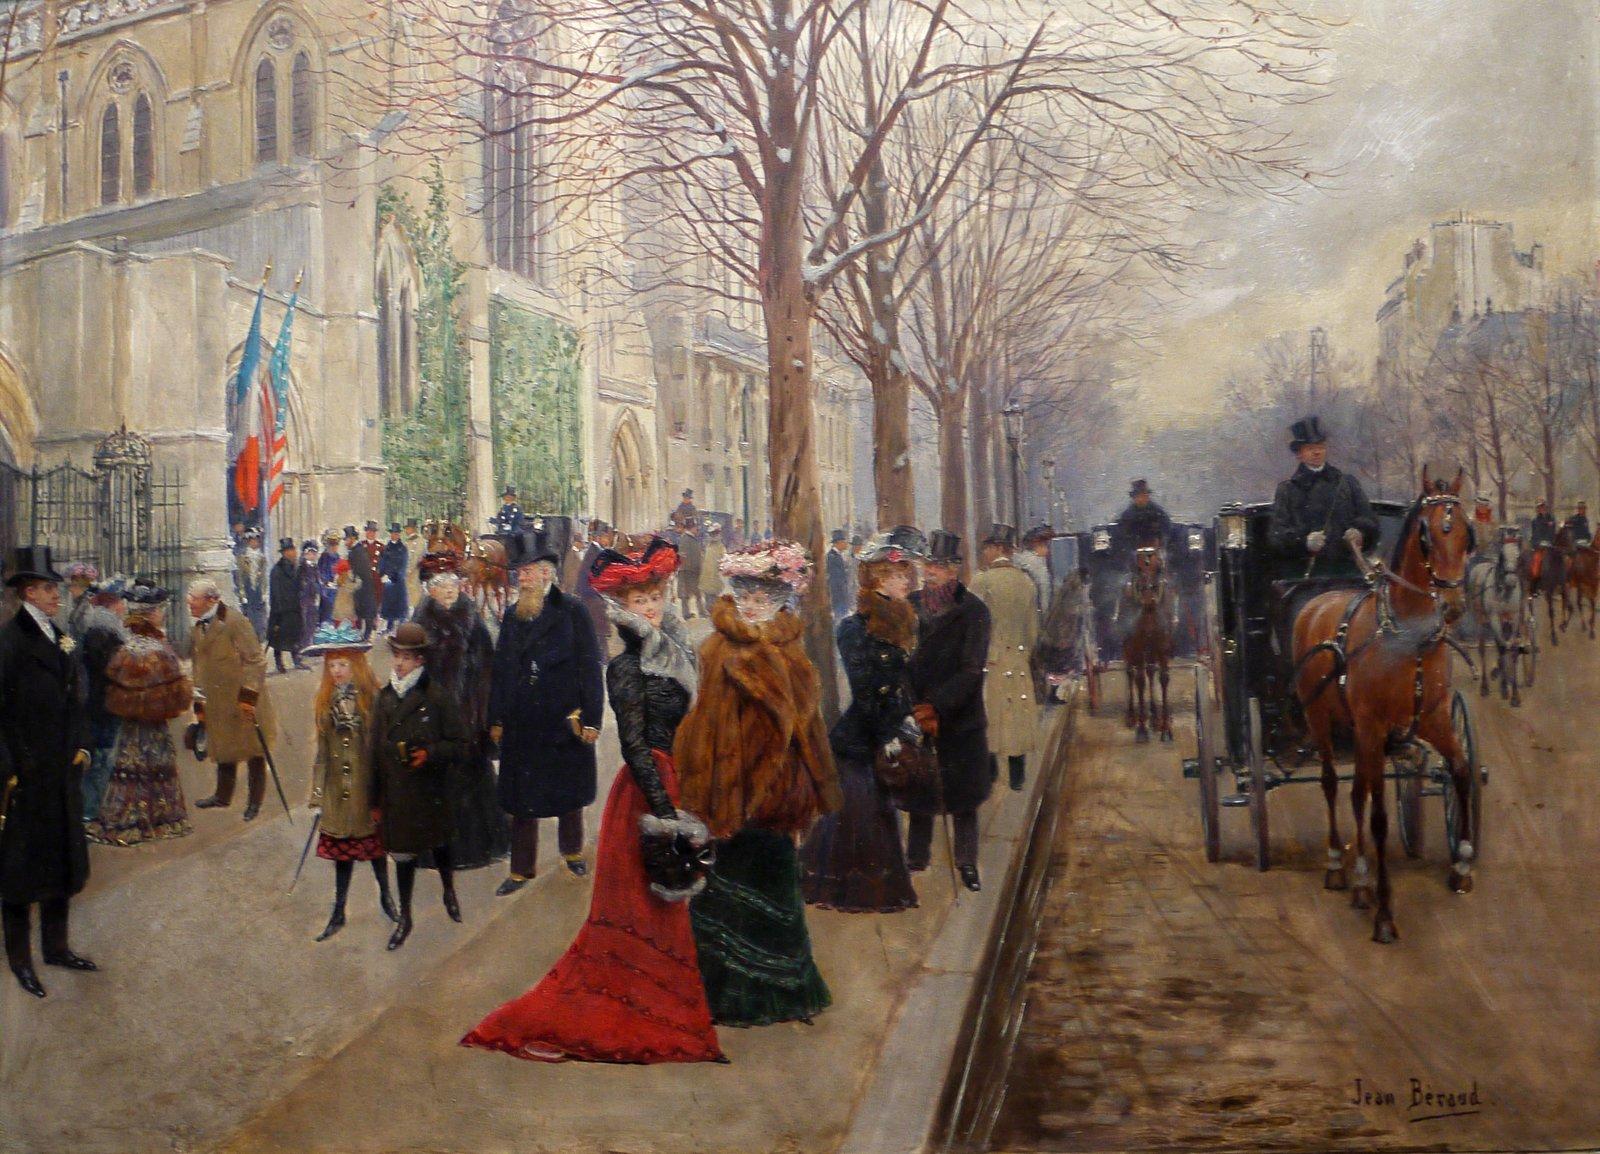 Po nabożeństwie wkościele Świętej Trójcy Źródło: Jean Béraud, Po nabożeństwie wkościele Świętej Trójcy, 1900, Musée Carnavalet, domena publiczna.